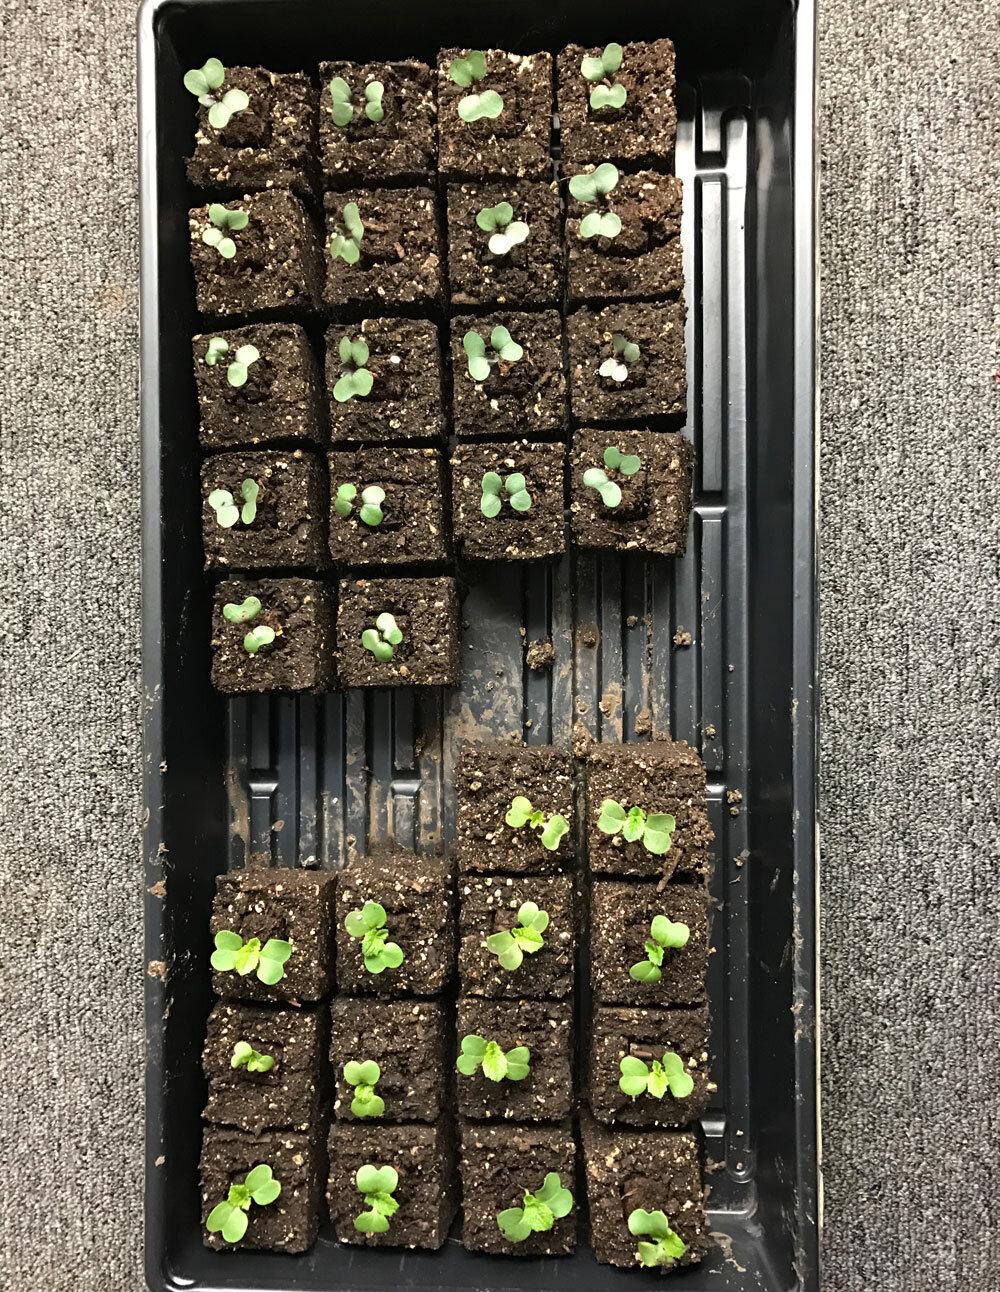 Cabbage Seedlings indoors